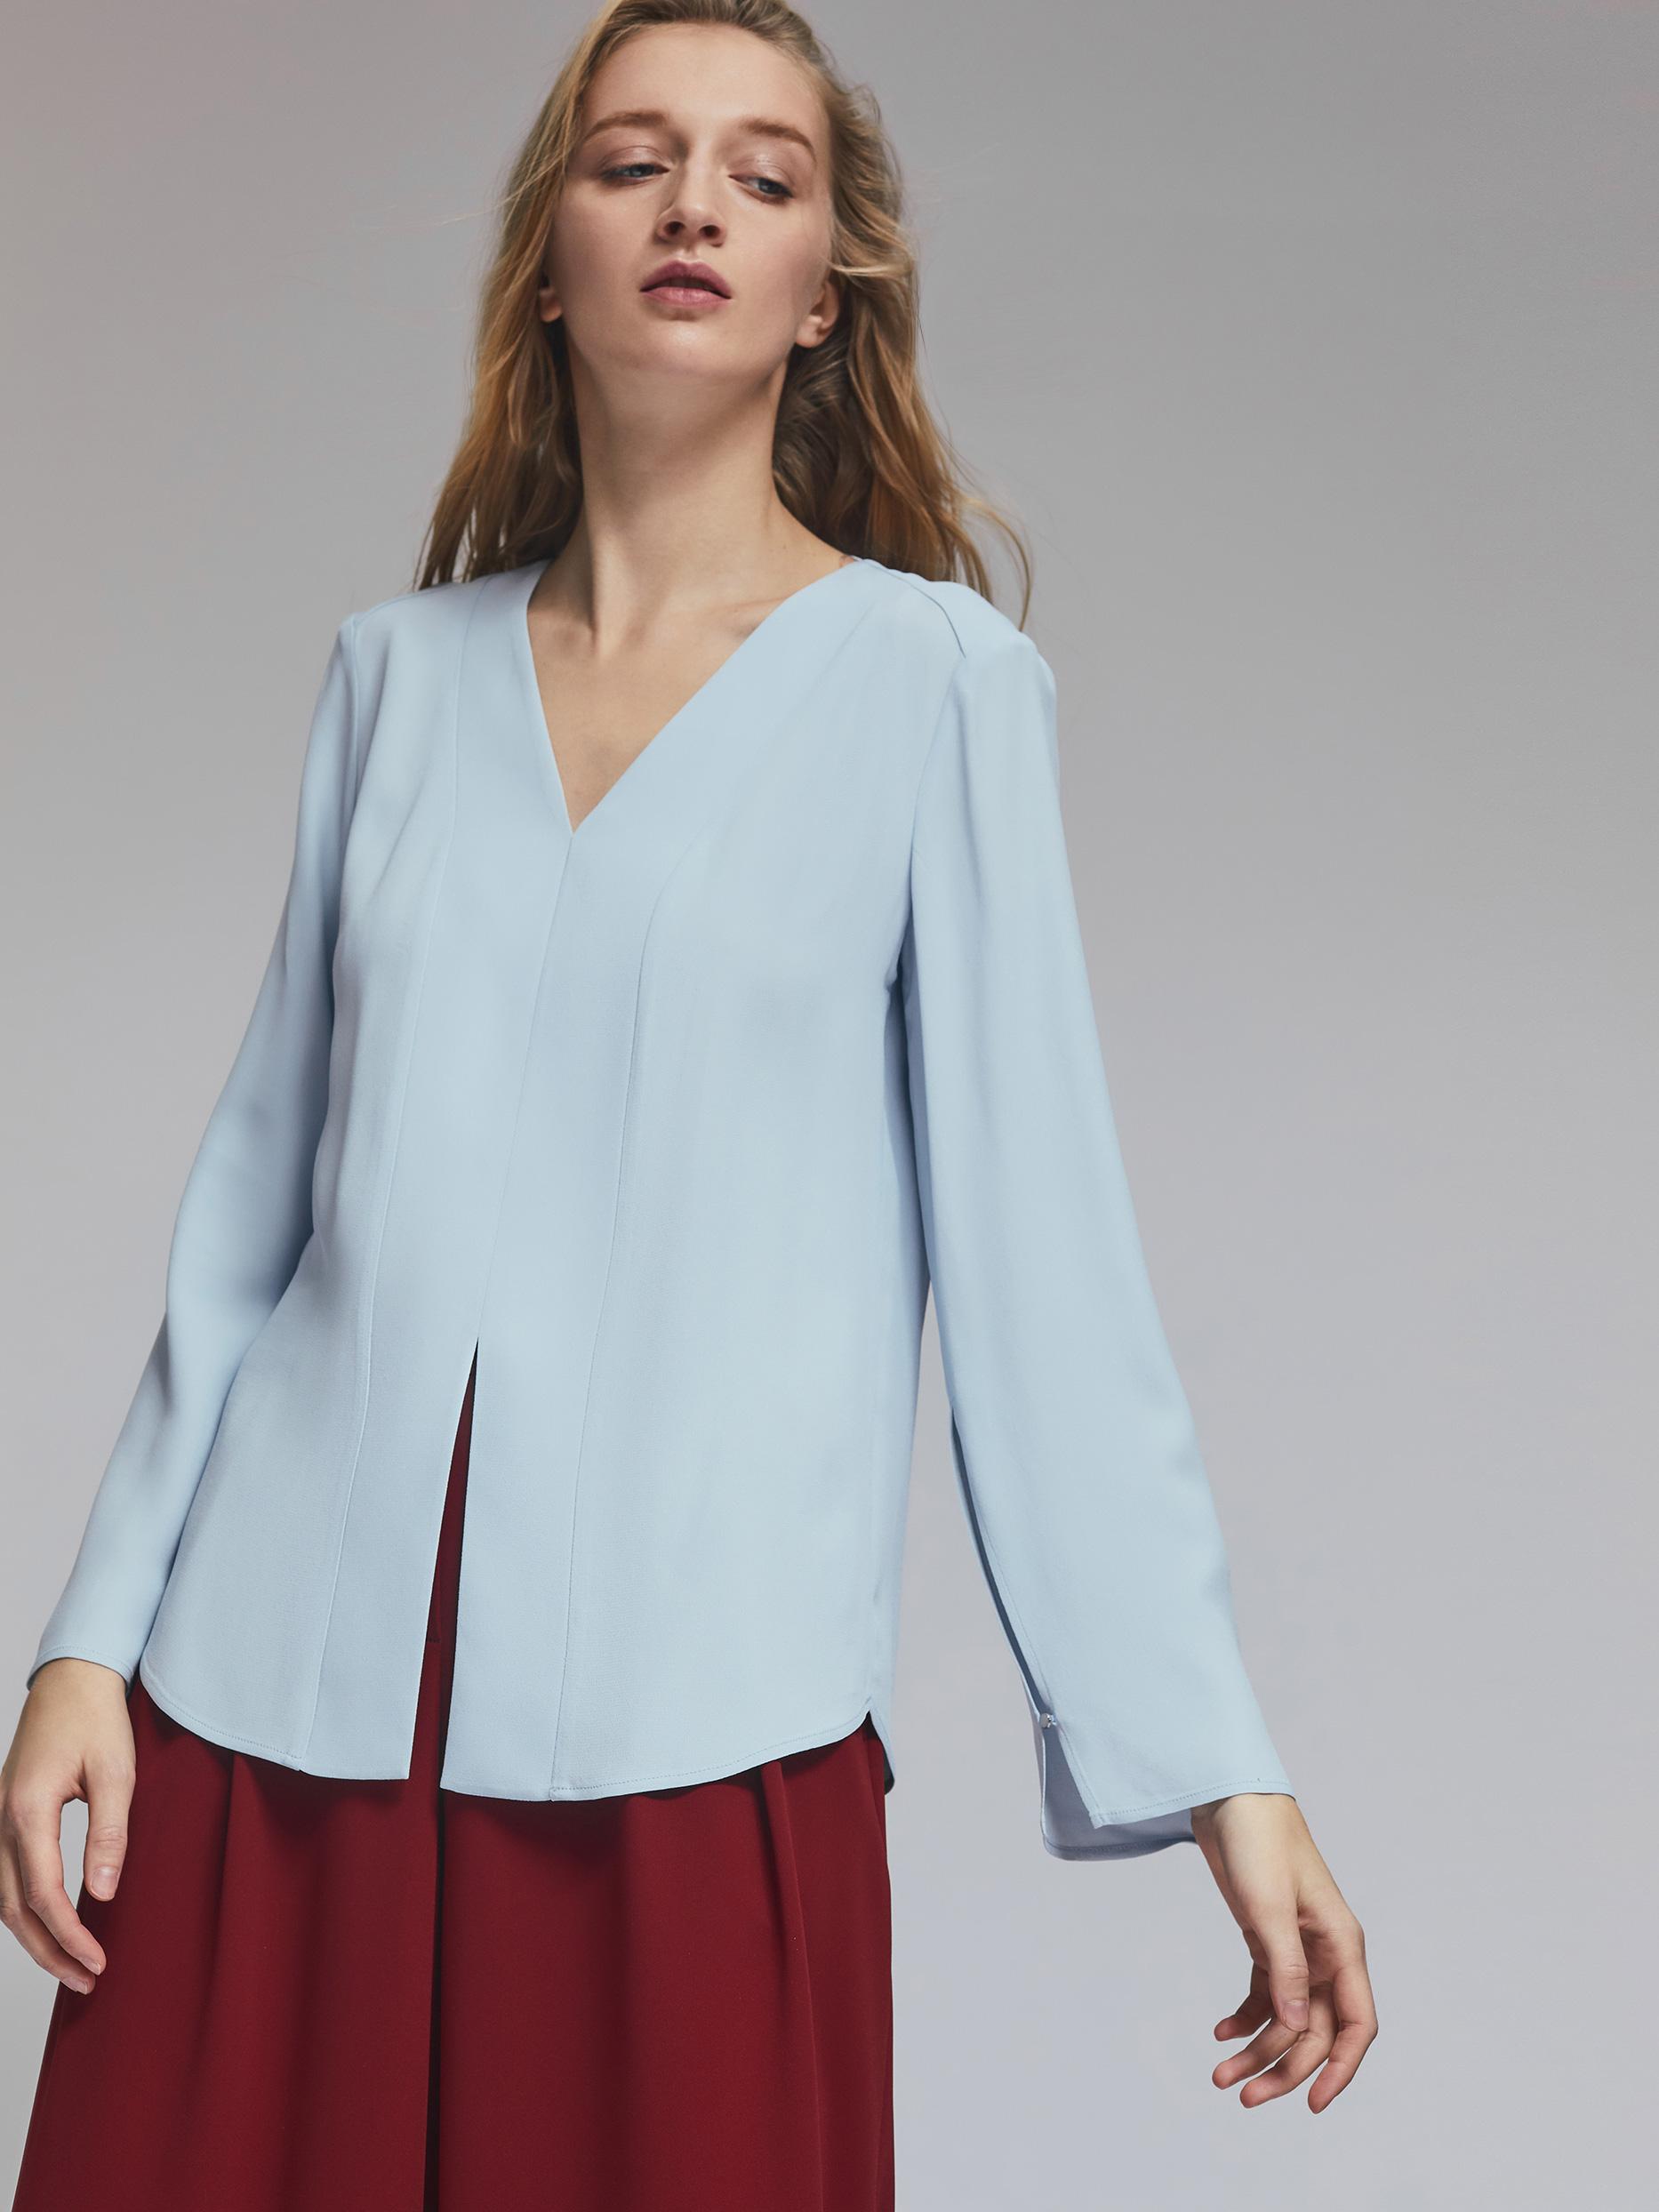 Блуза с разрезом фото